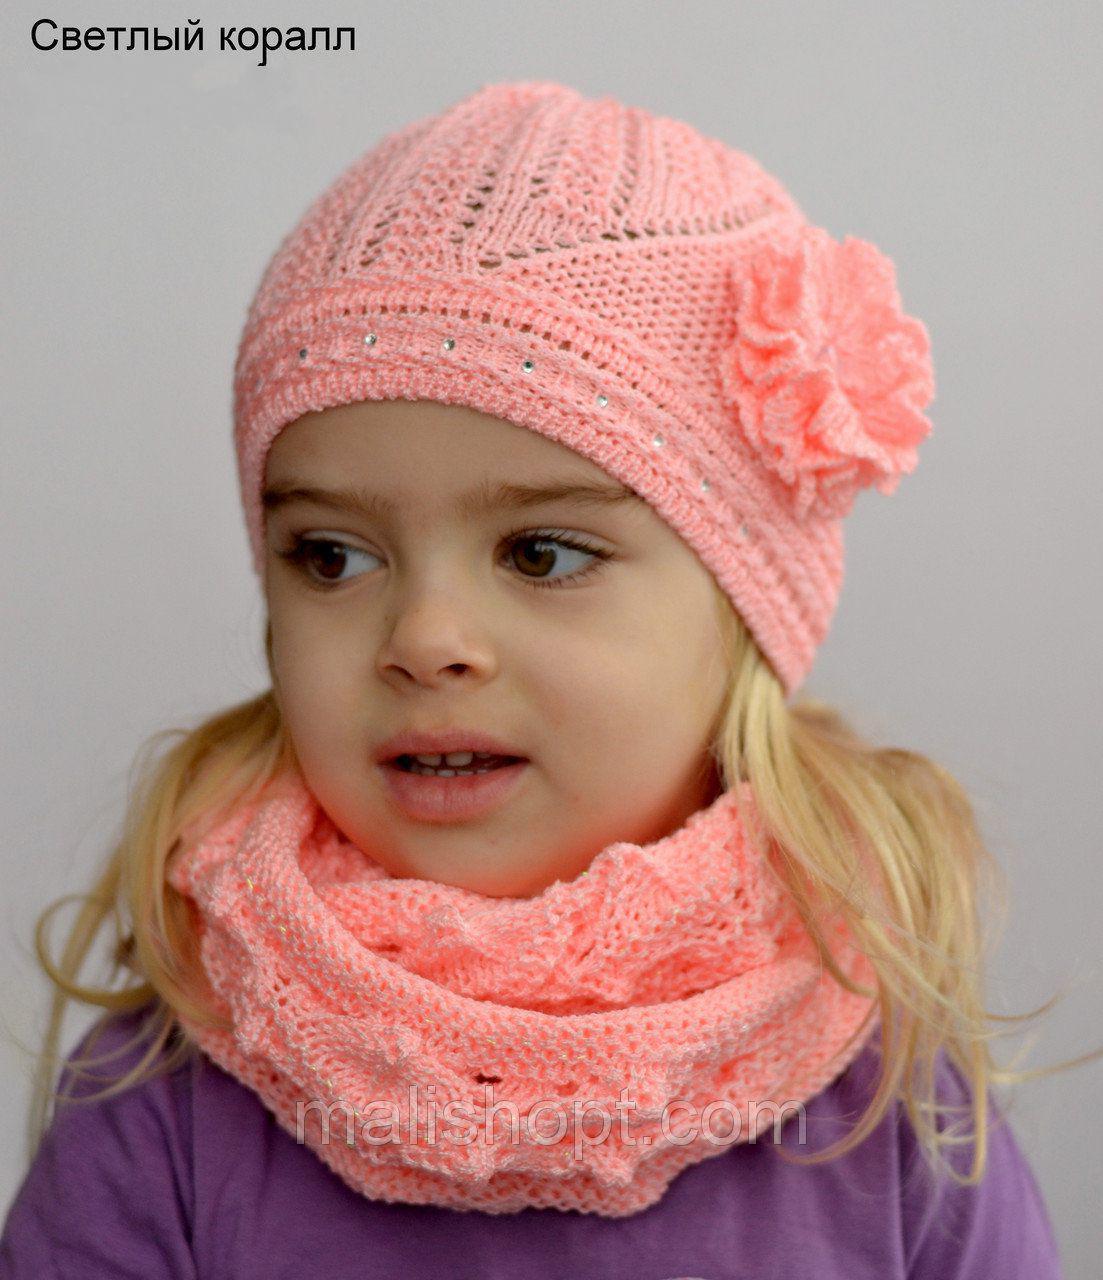 Тонкая детская ажурная шапочка для девочек